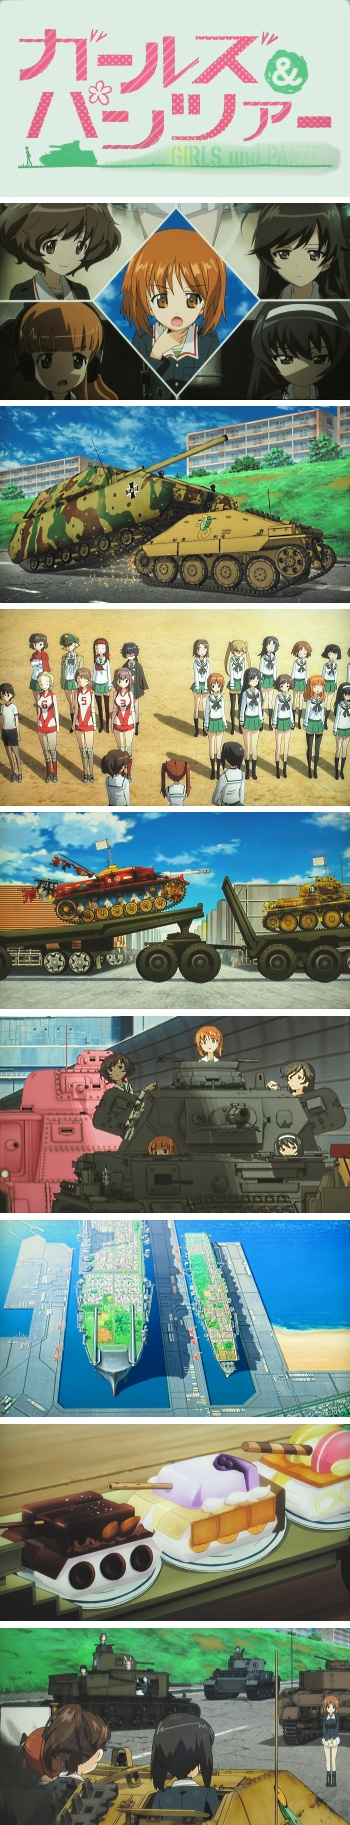 Girls-und-Panzer-BR-ext1.jpg